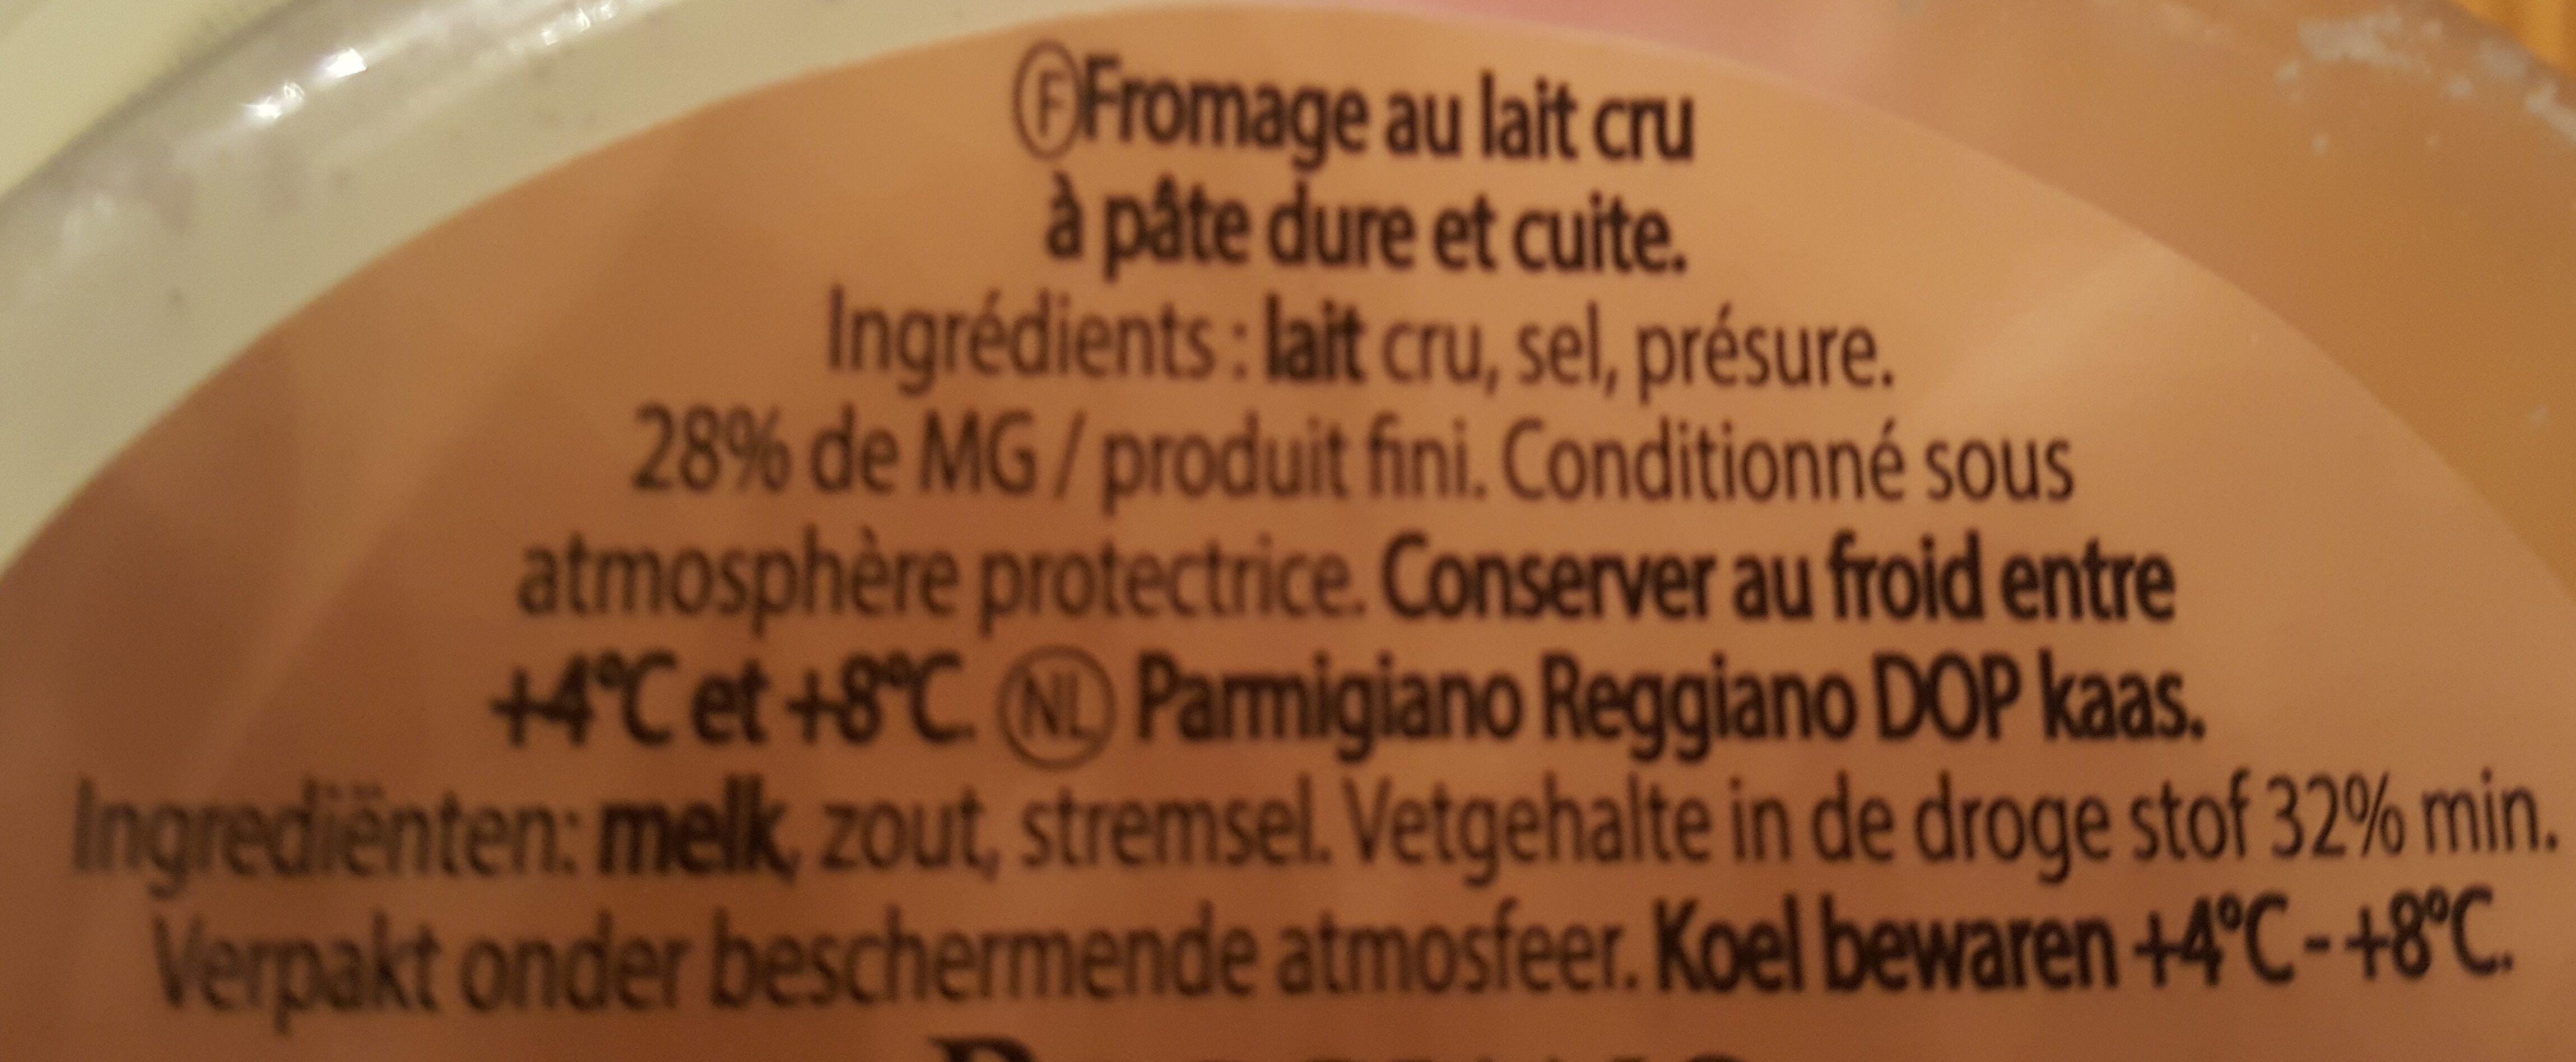 Parmigiano Reggiano Pétales - Ingrediënten